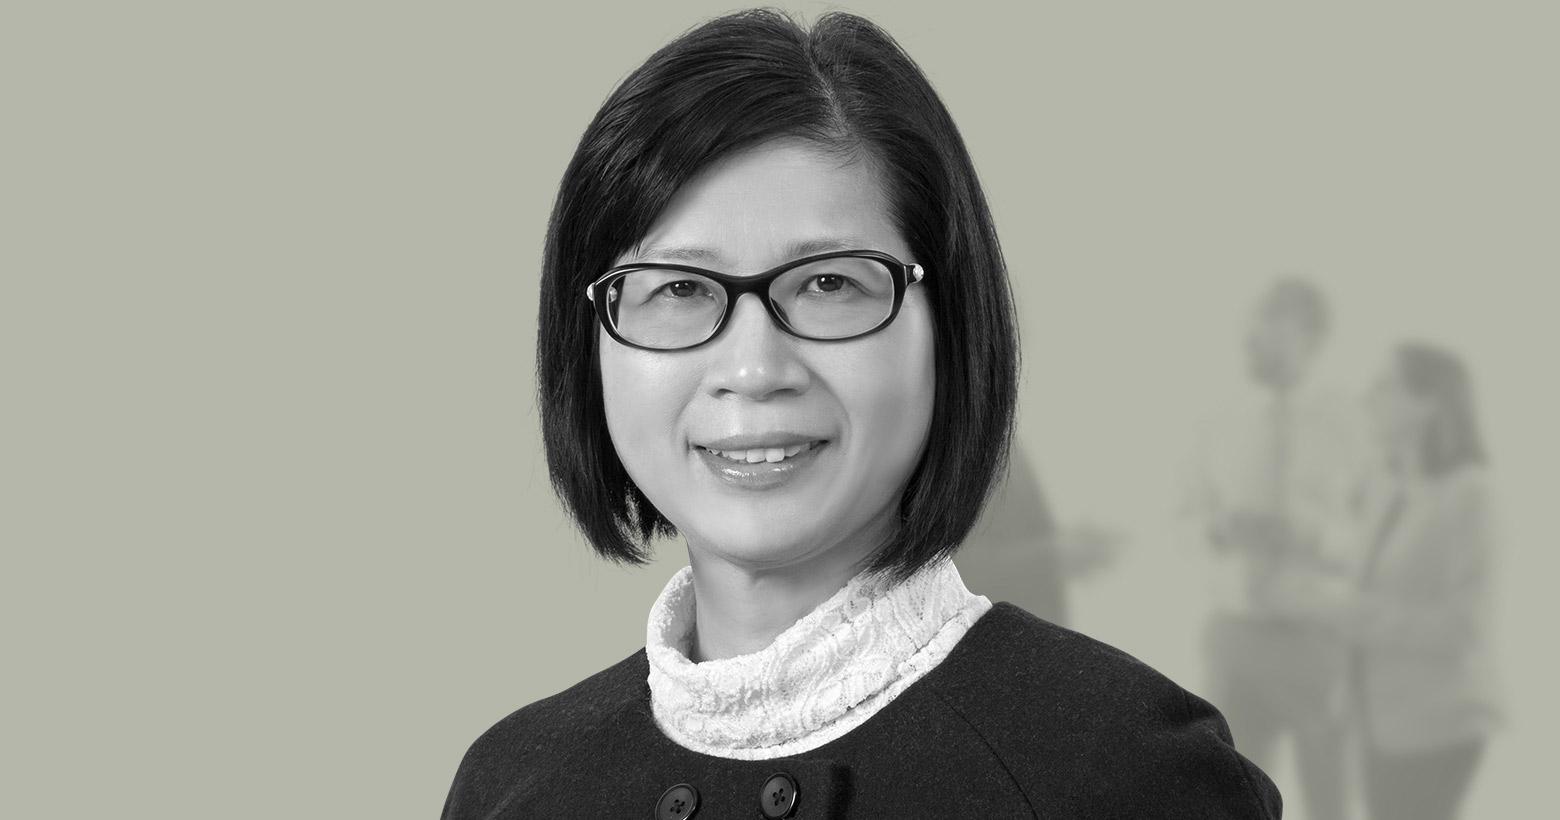 Milina Wu